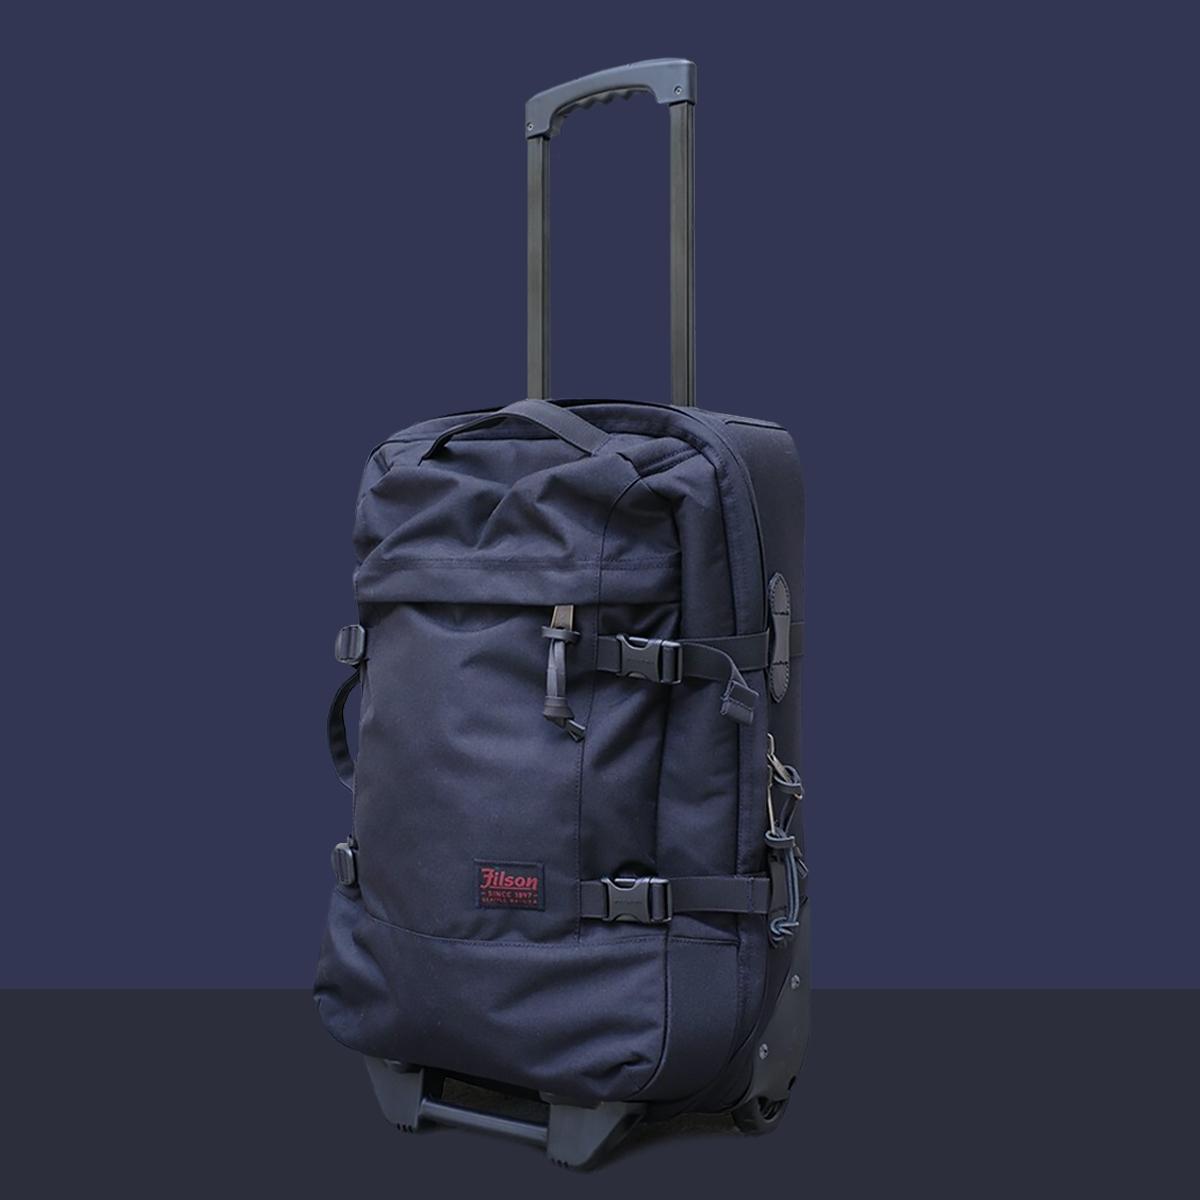 Filson Dryden Dryden 2-Wheel Rolling Carry-On Bag 20047728-Dark Navy, gemaakt van slijtvast ballistisch nylon dat bestand is tegen intensief gebruik